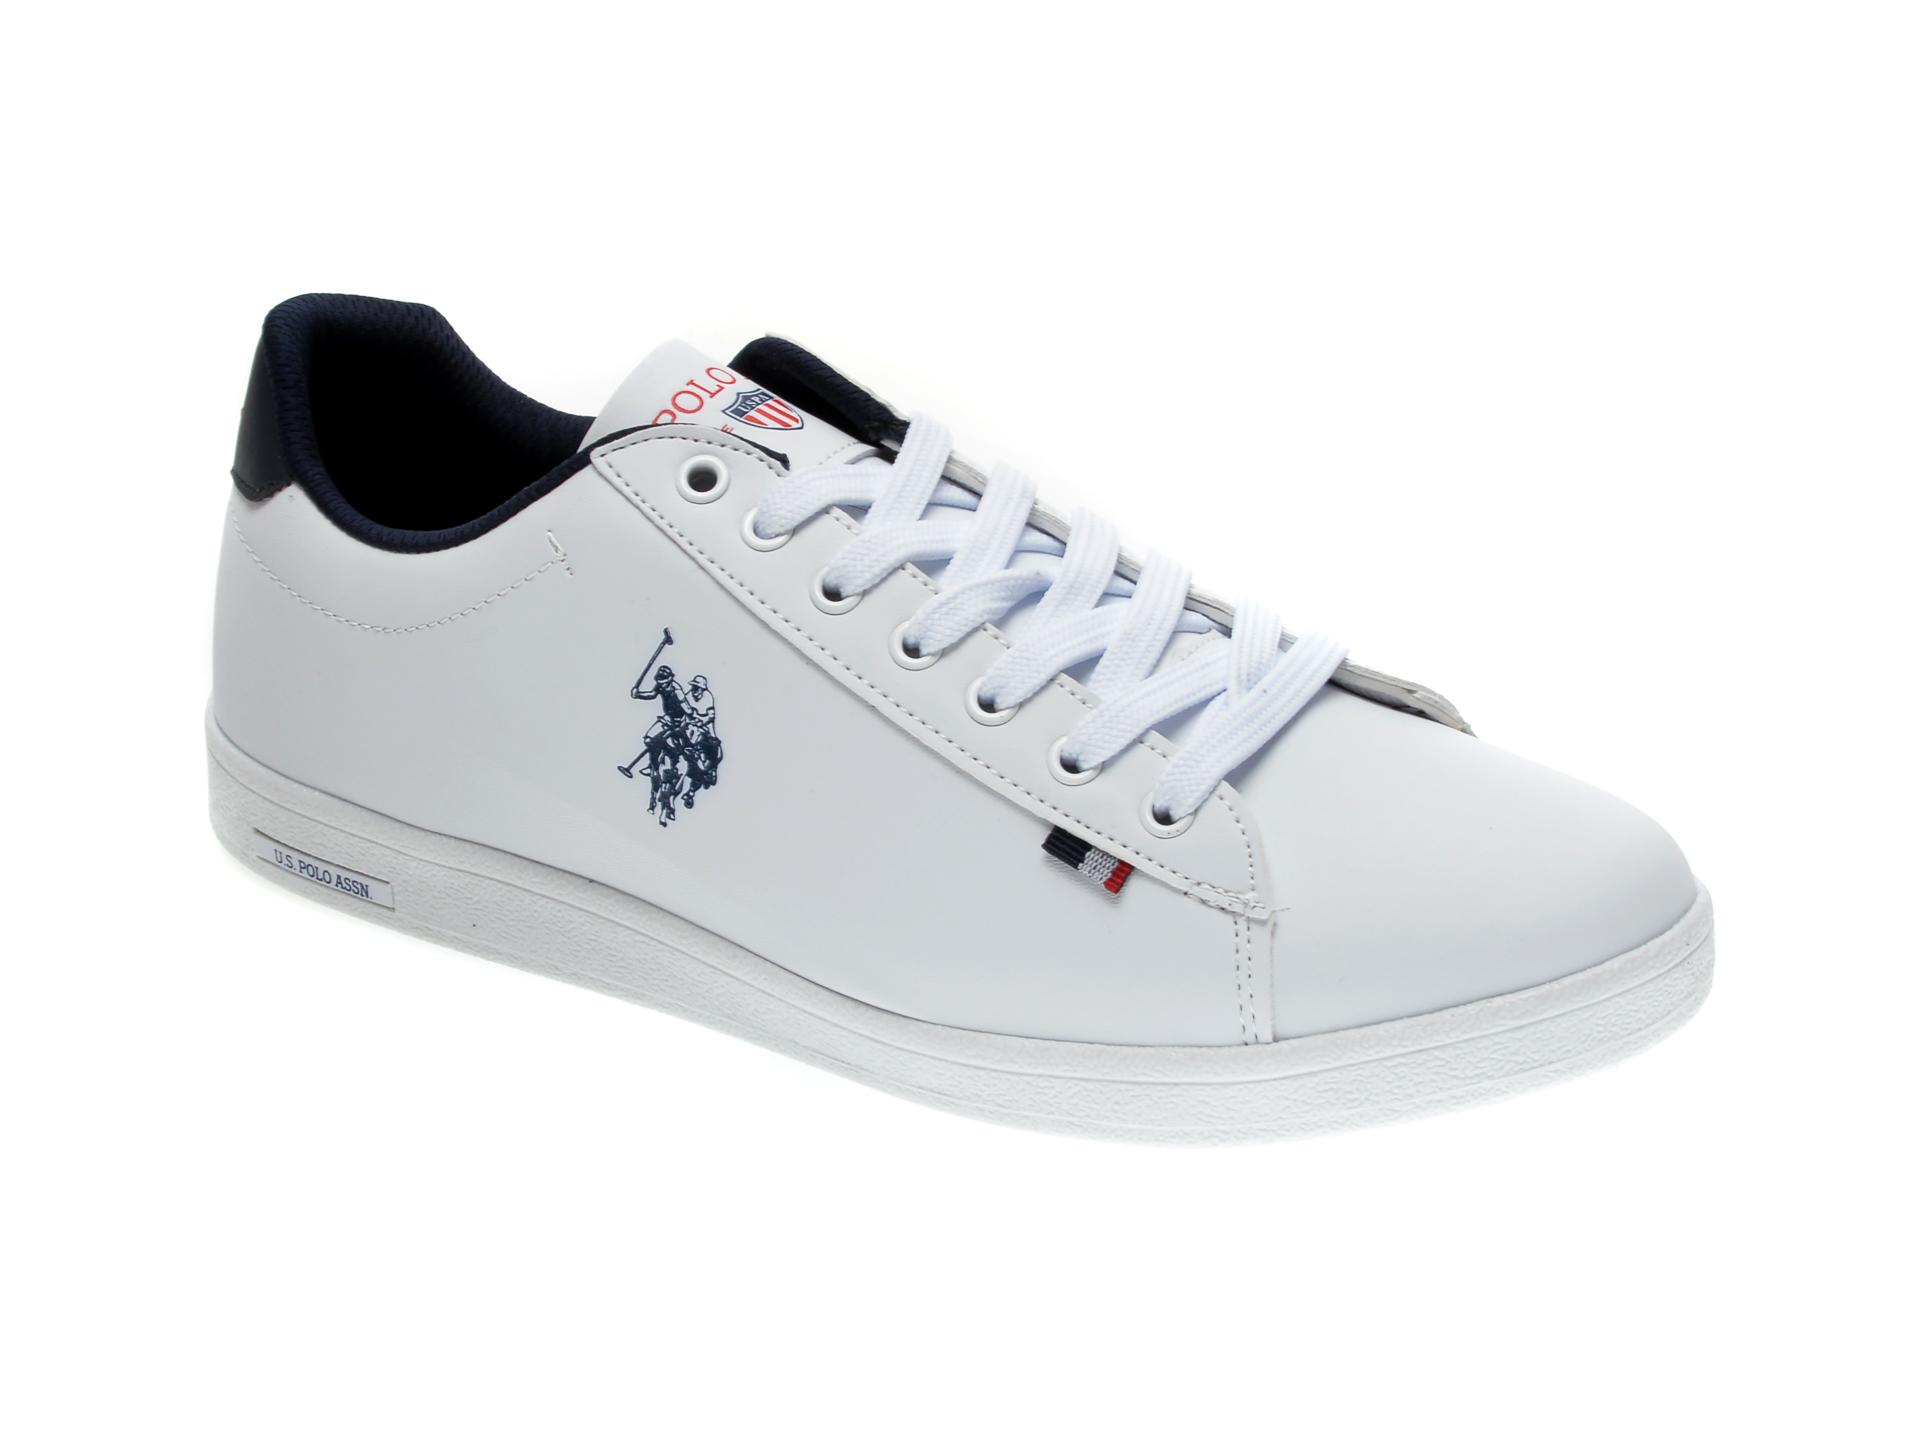 Pantofi sport US POLO ASSN albi, 548978, din piele ecologica imagine